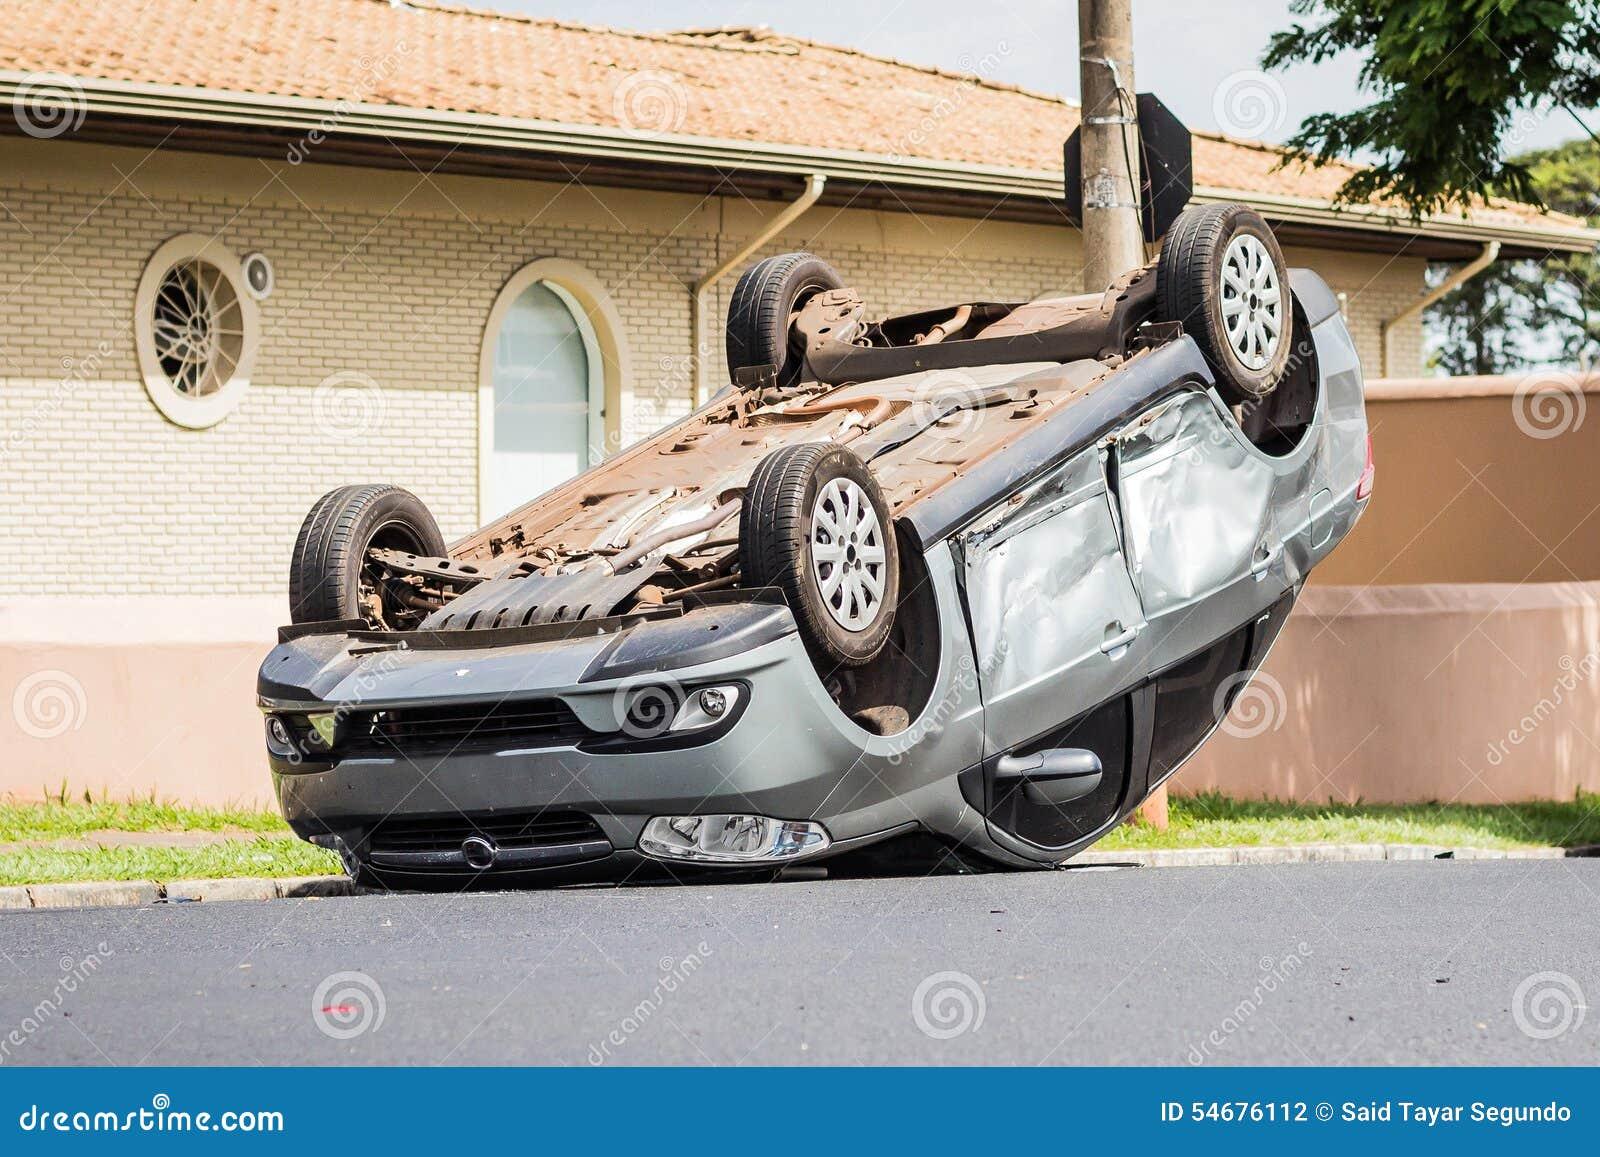 Ungewöhnlich Fahrzeug Unfall Diagramm Fotos - Verdrahtungsideen ...